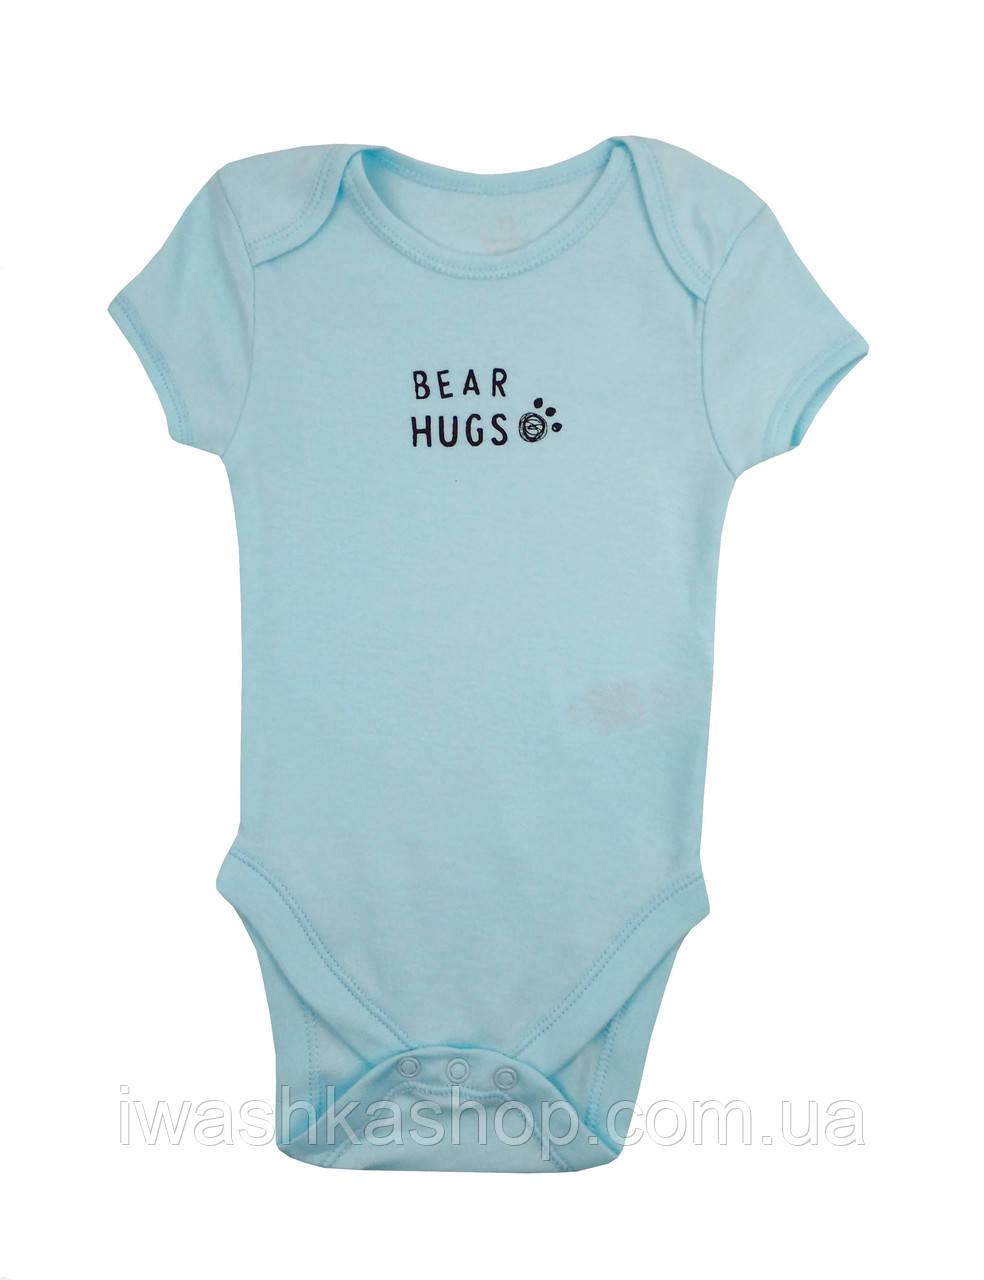 Блакитне боді з коротким рукавом для хлопчика 3 - 6 місяців, р. 68, Early days by Primark